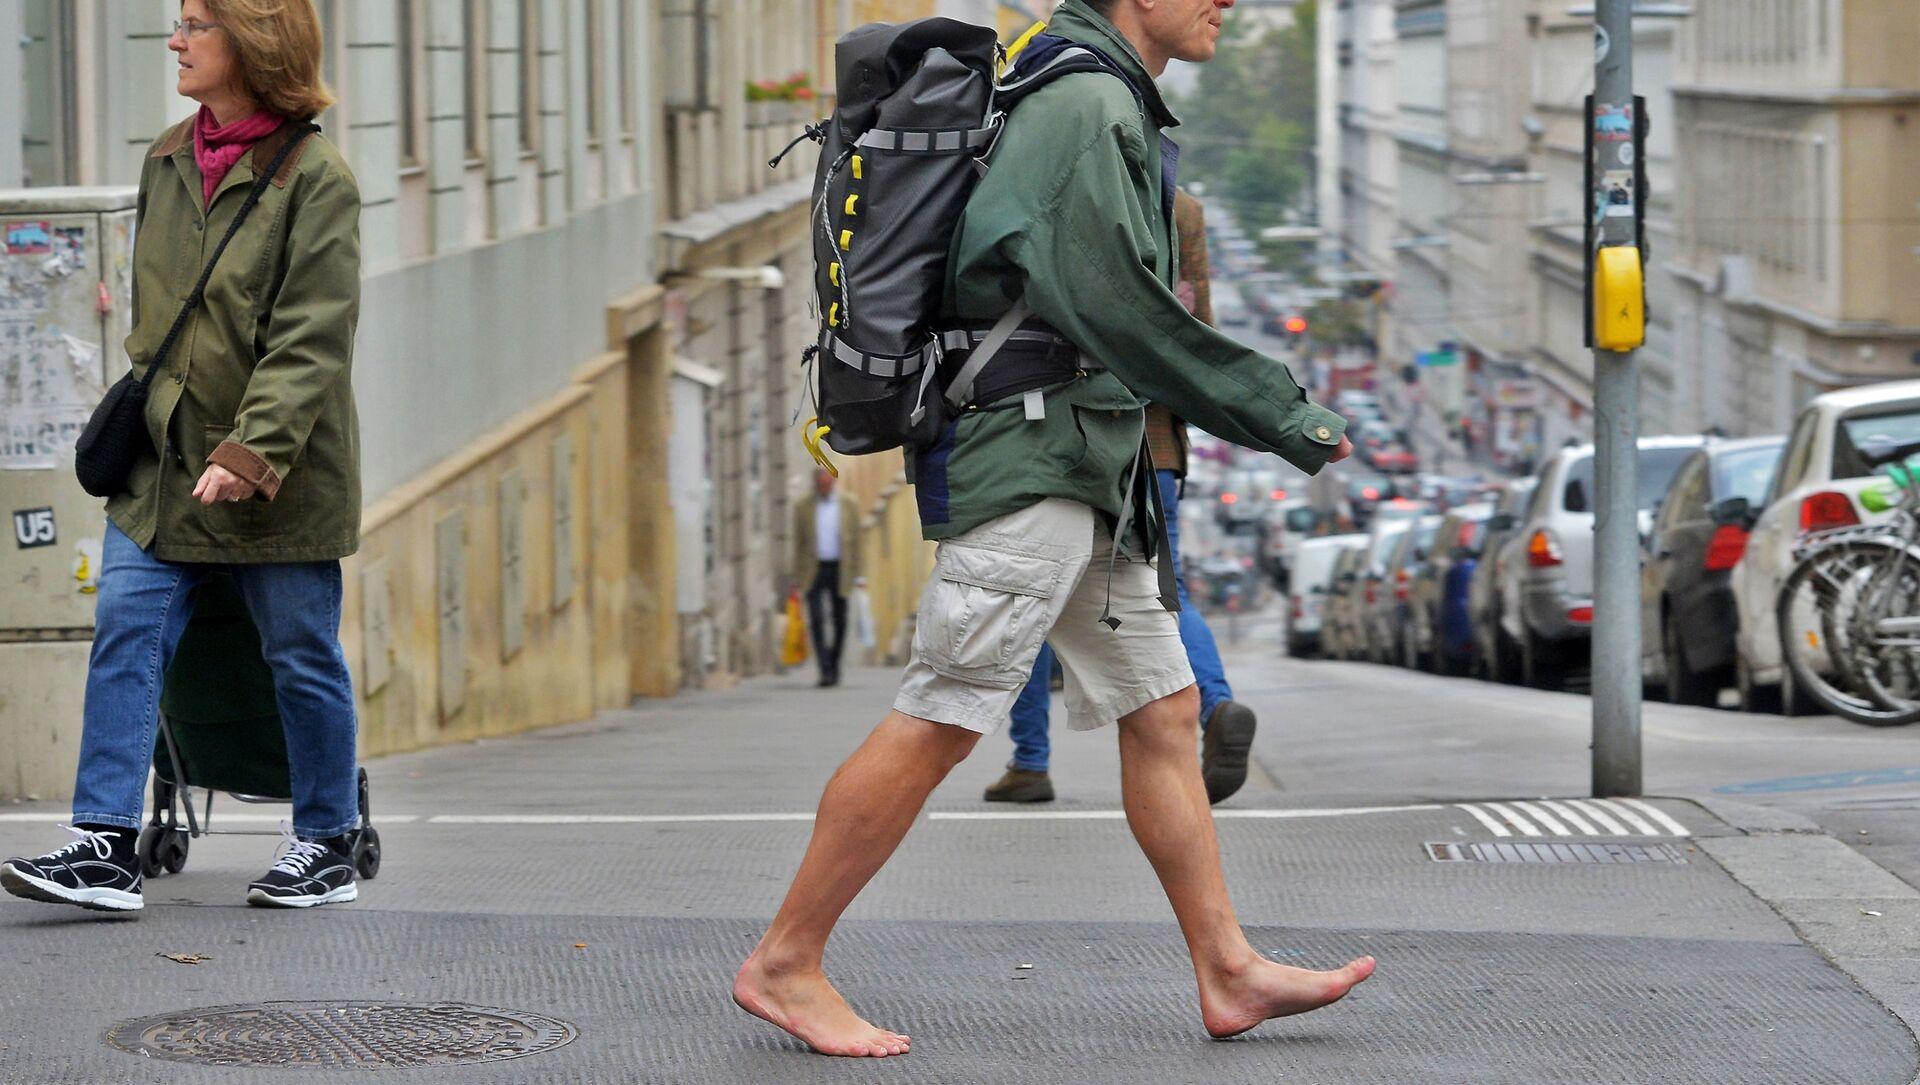 Un turista per le strade di Vienna - Sputnik Italia, 1920, 24.03.2021